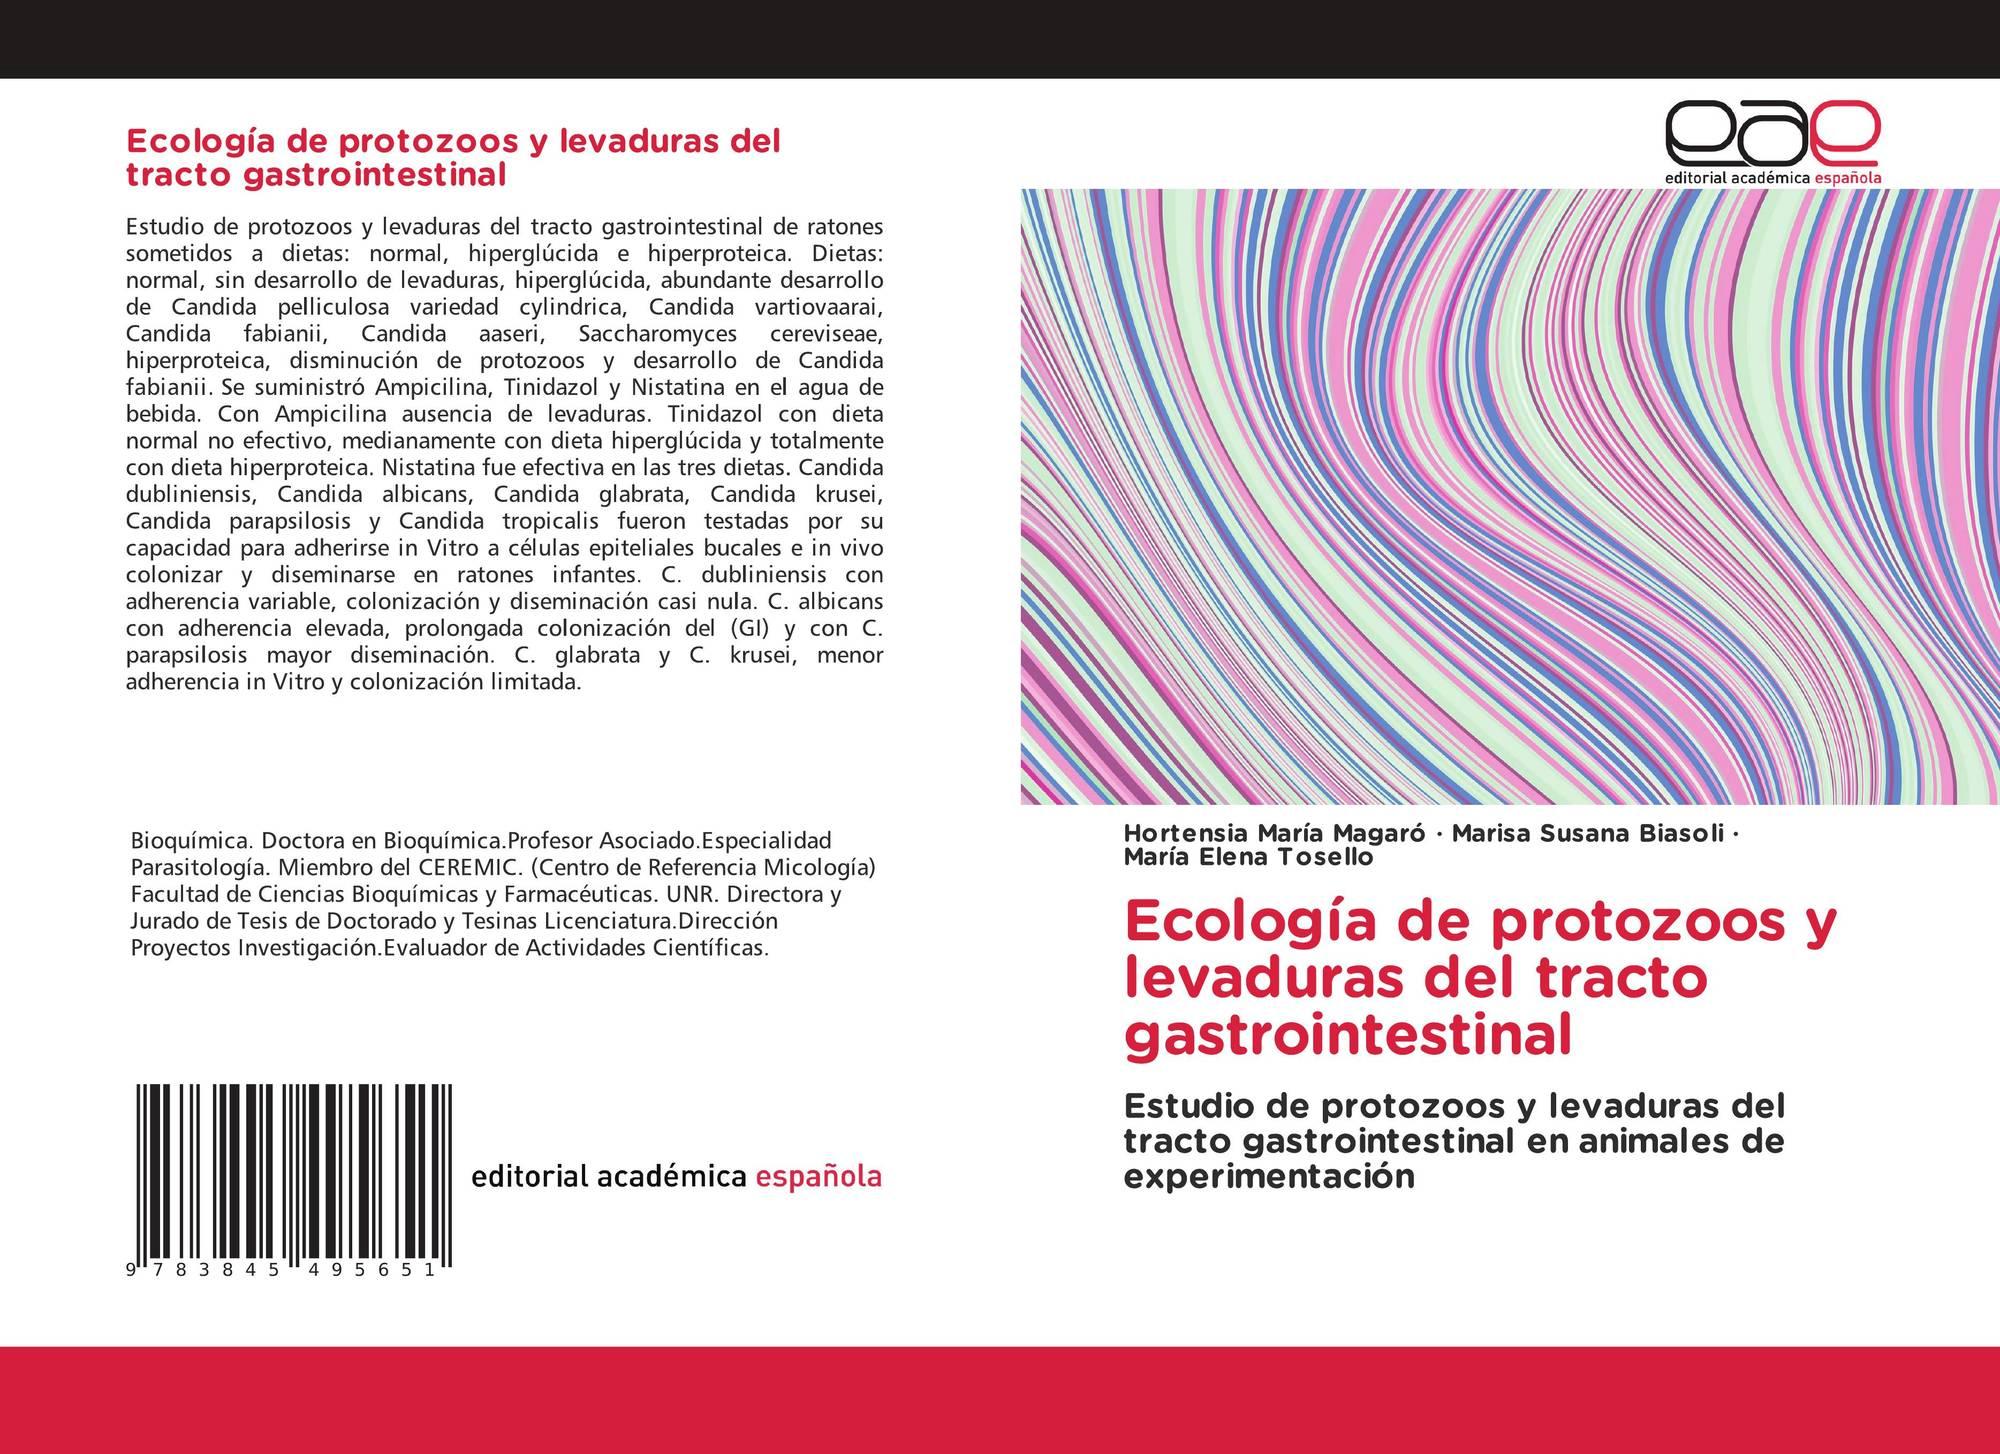 Ecología de protozoos y levaduras del tracto